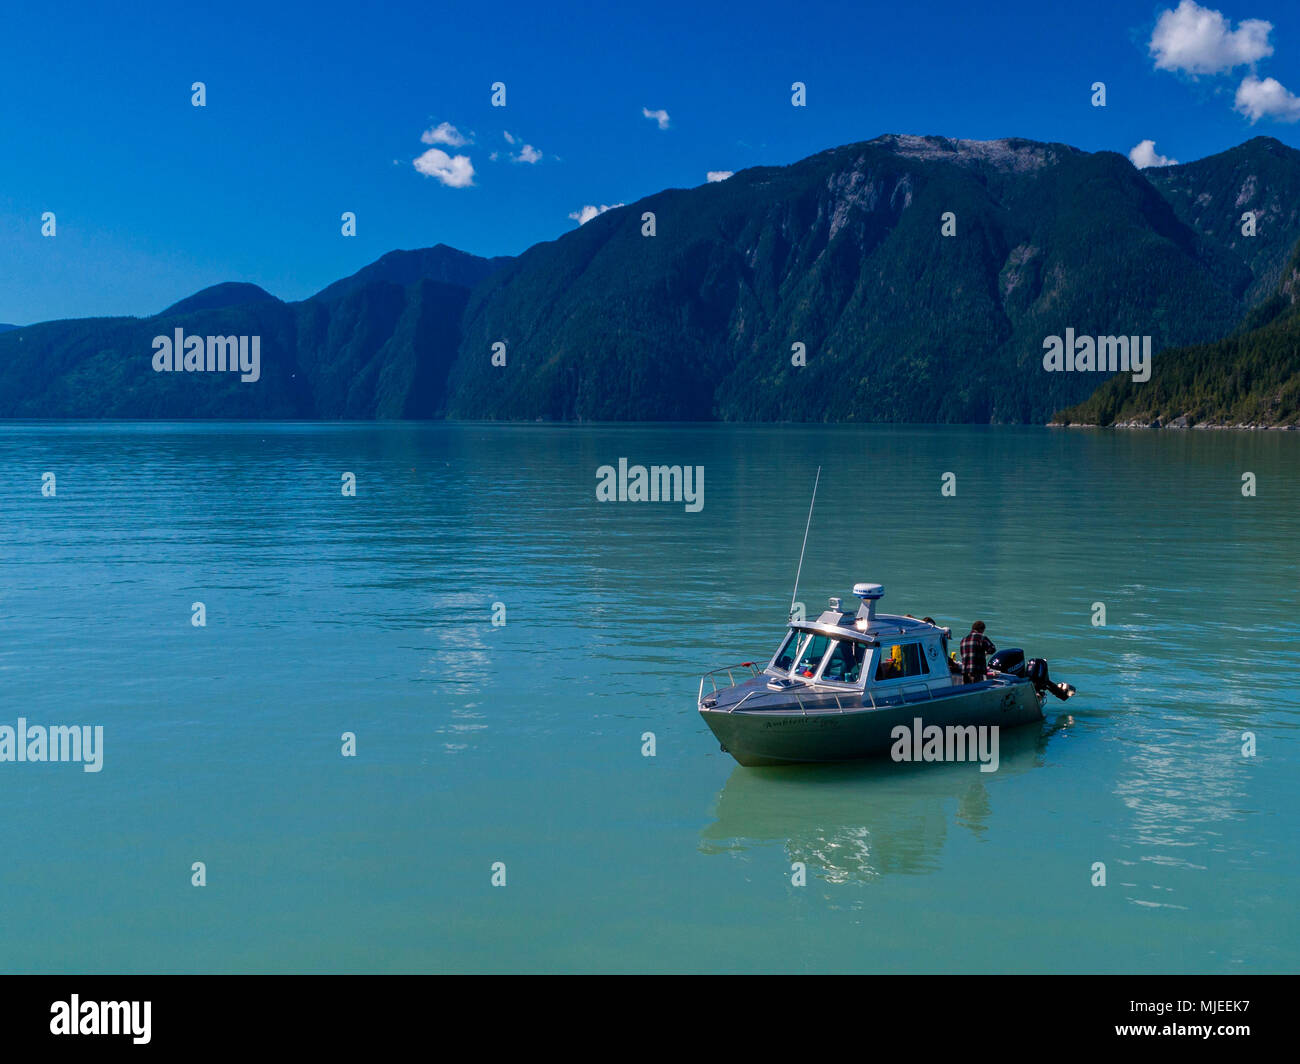 """Il 'luce ambiente """" tour in barca dell'isola di Vancouver tour foto in ingresso del cavaliere, British Columbia, Canada. Immagini Stock"""